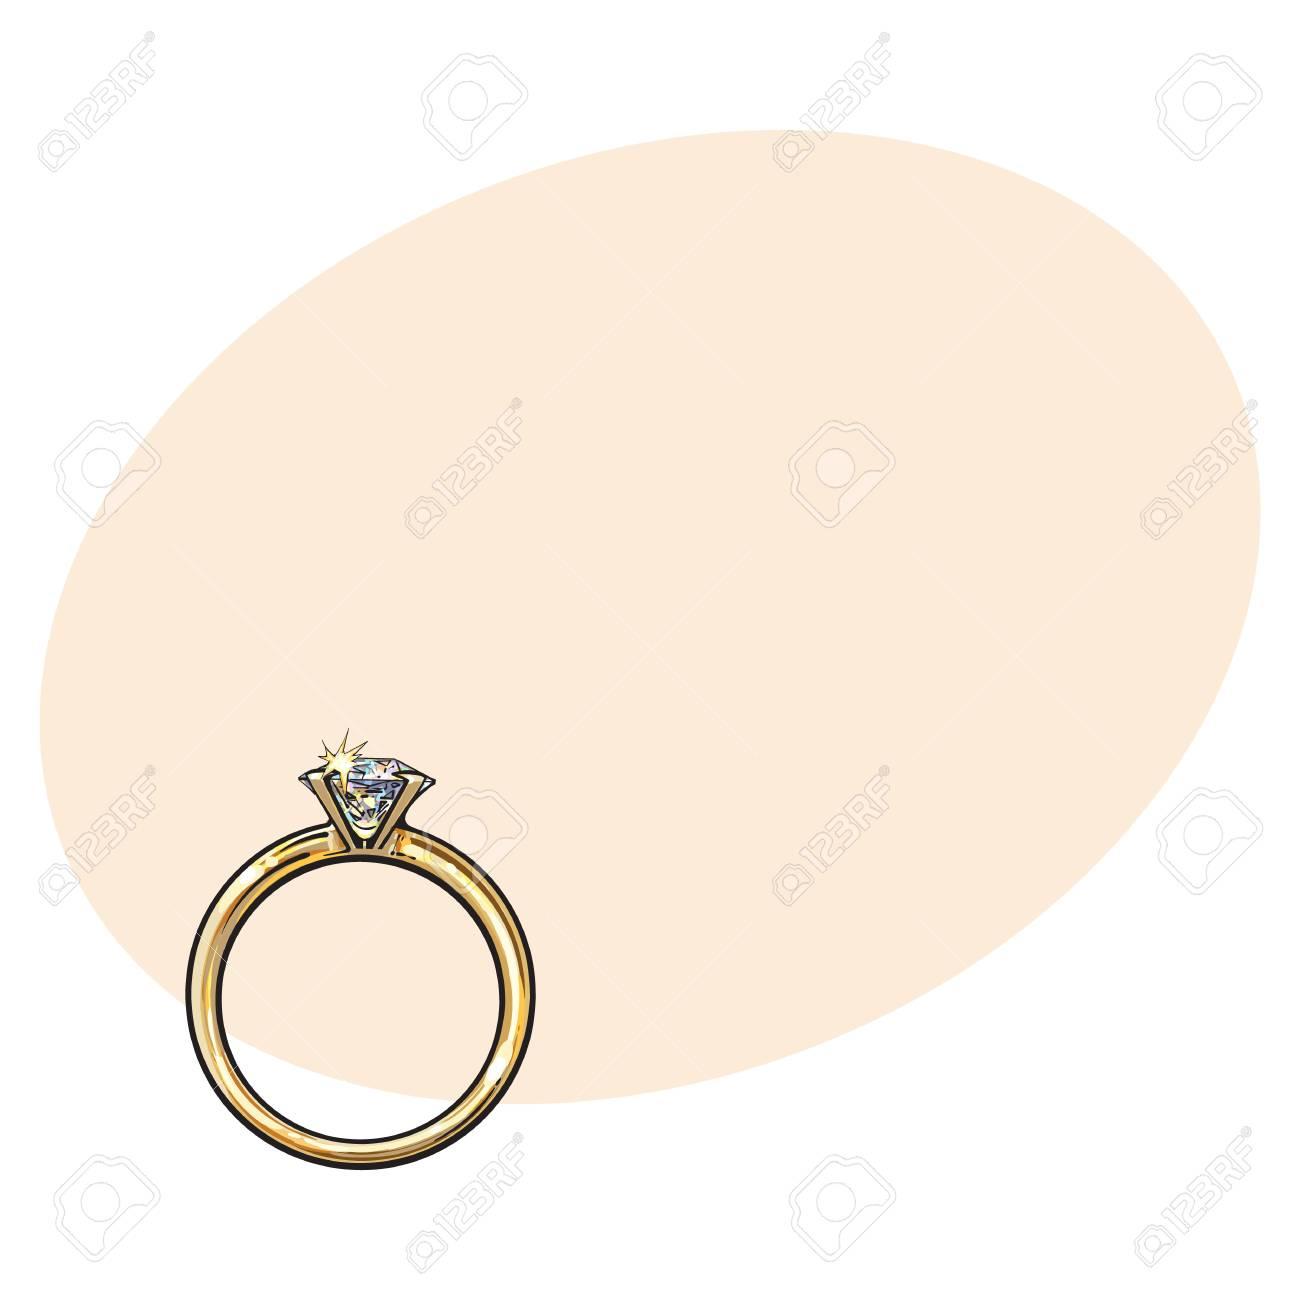 大きな輝くダイヤモンドテキストの背景にスケッチ イラストと黄金の